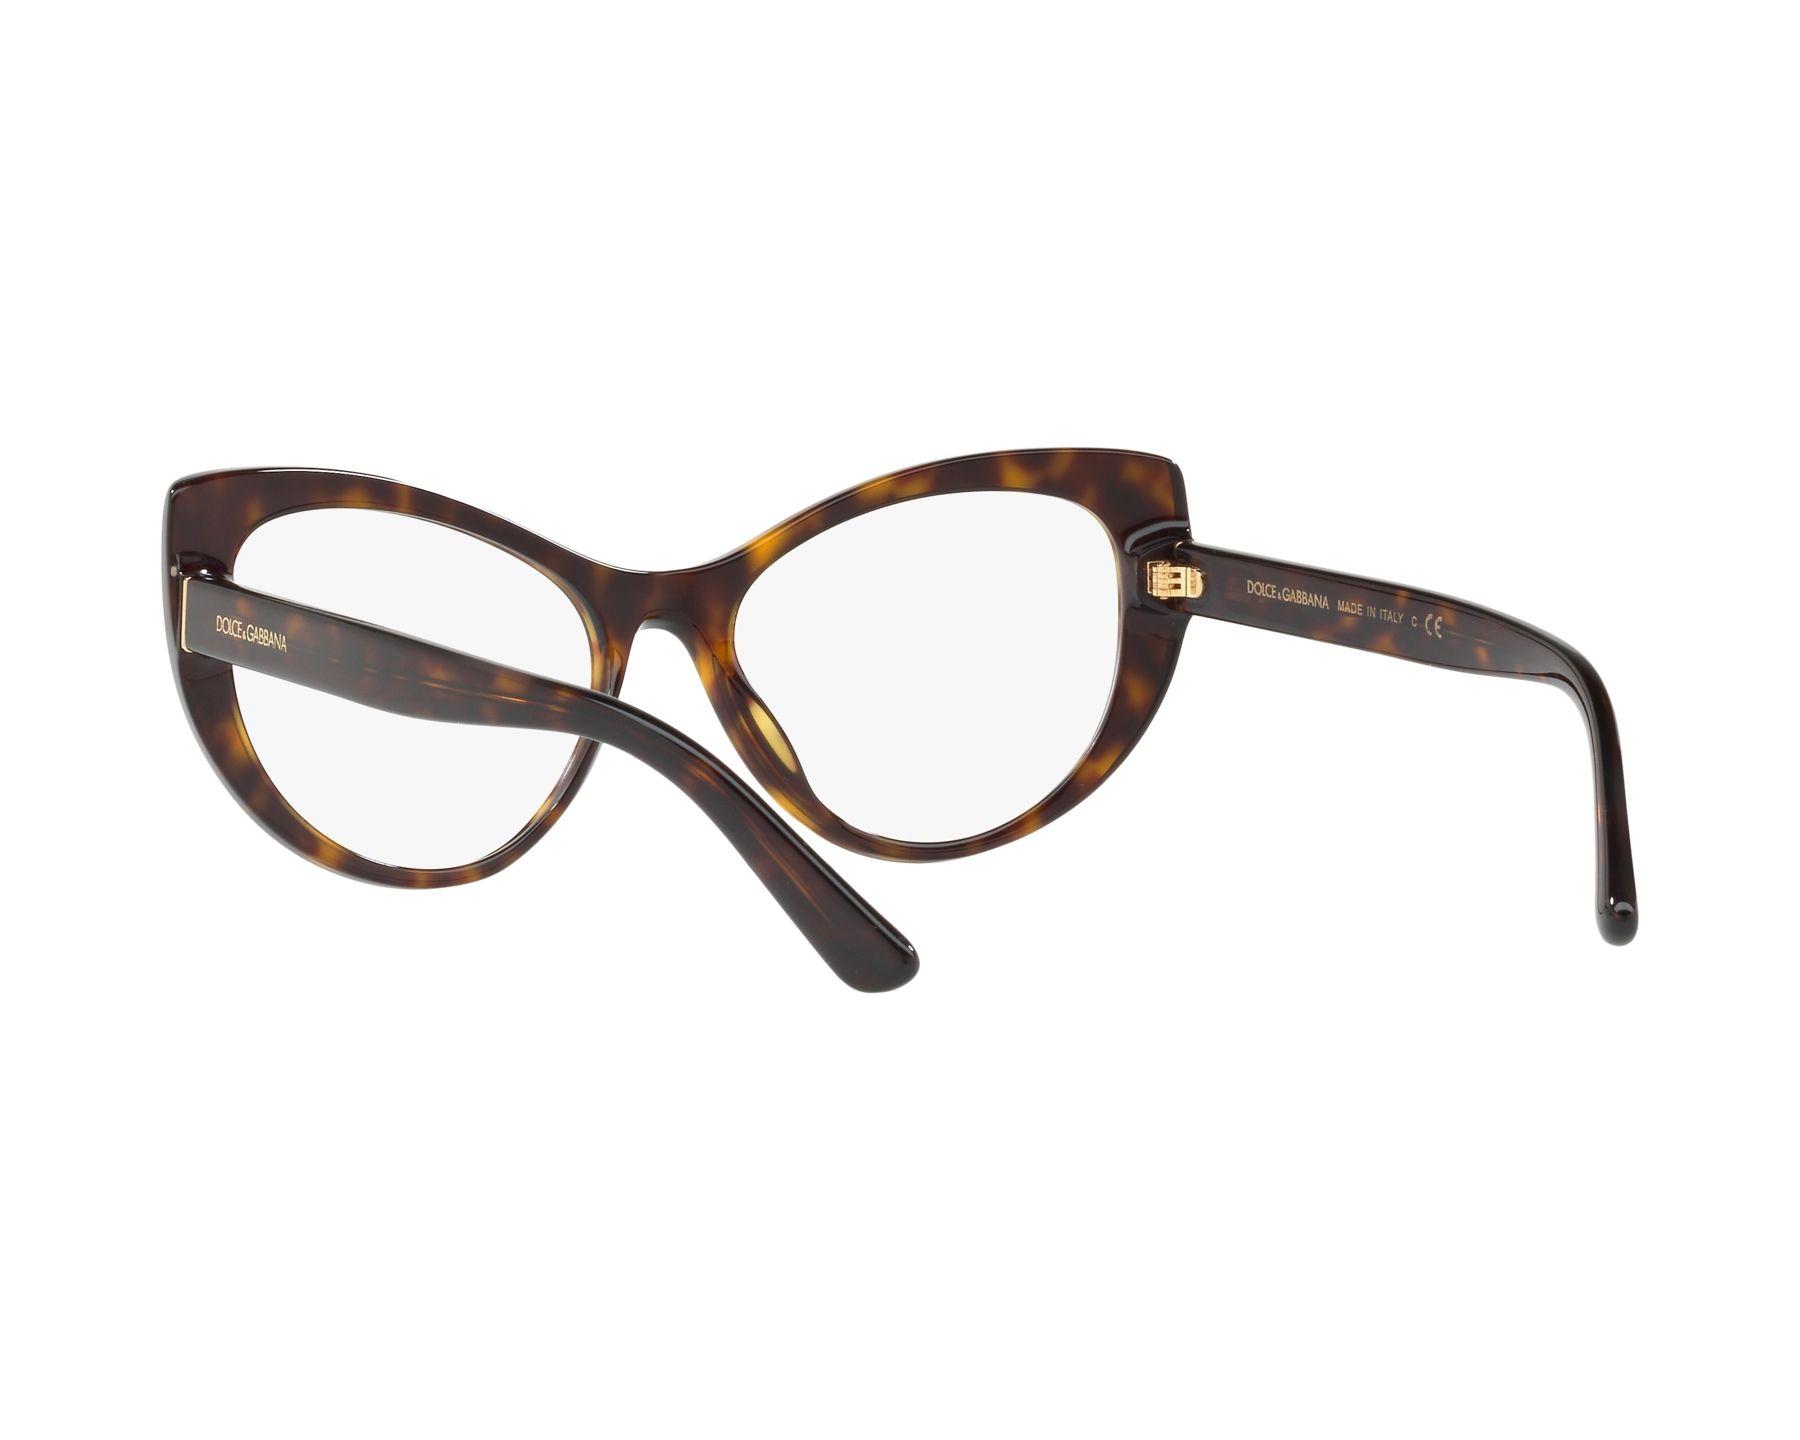 dolce gabbana brille dg 3285 502 havana visionet. Black Bedroom Furniture Sets. Home Design Ideas